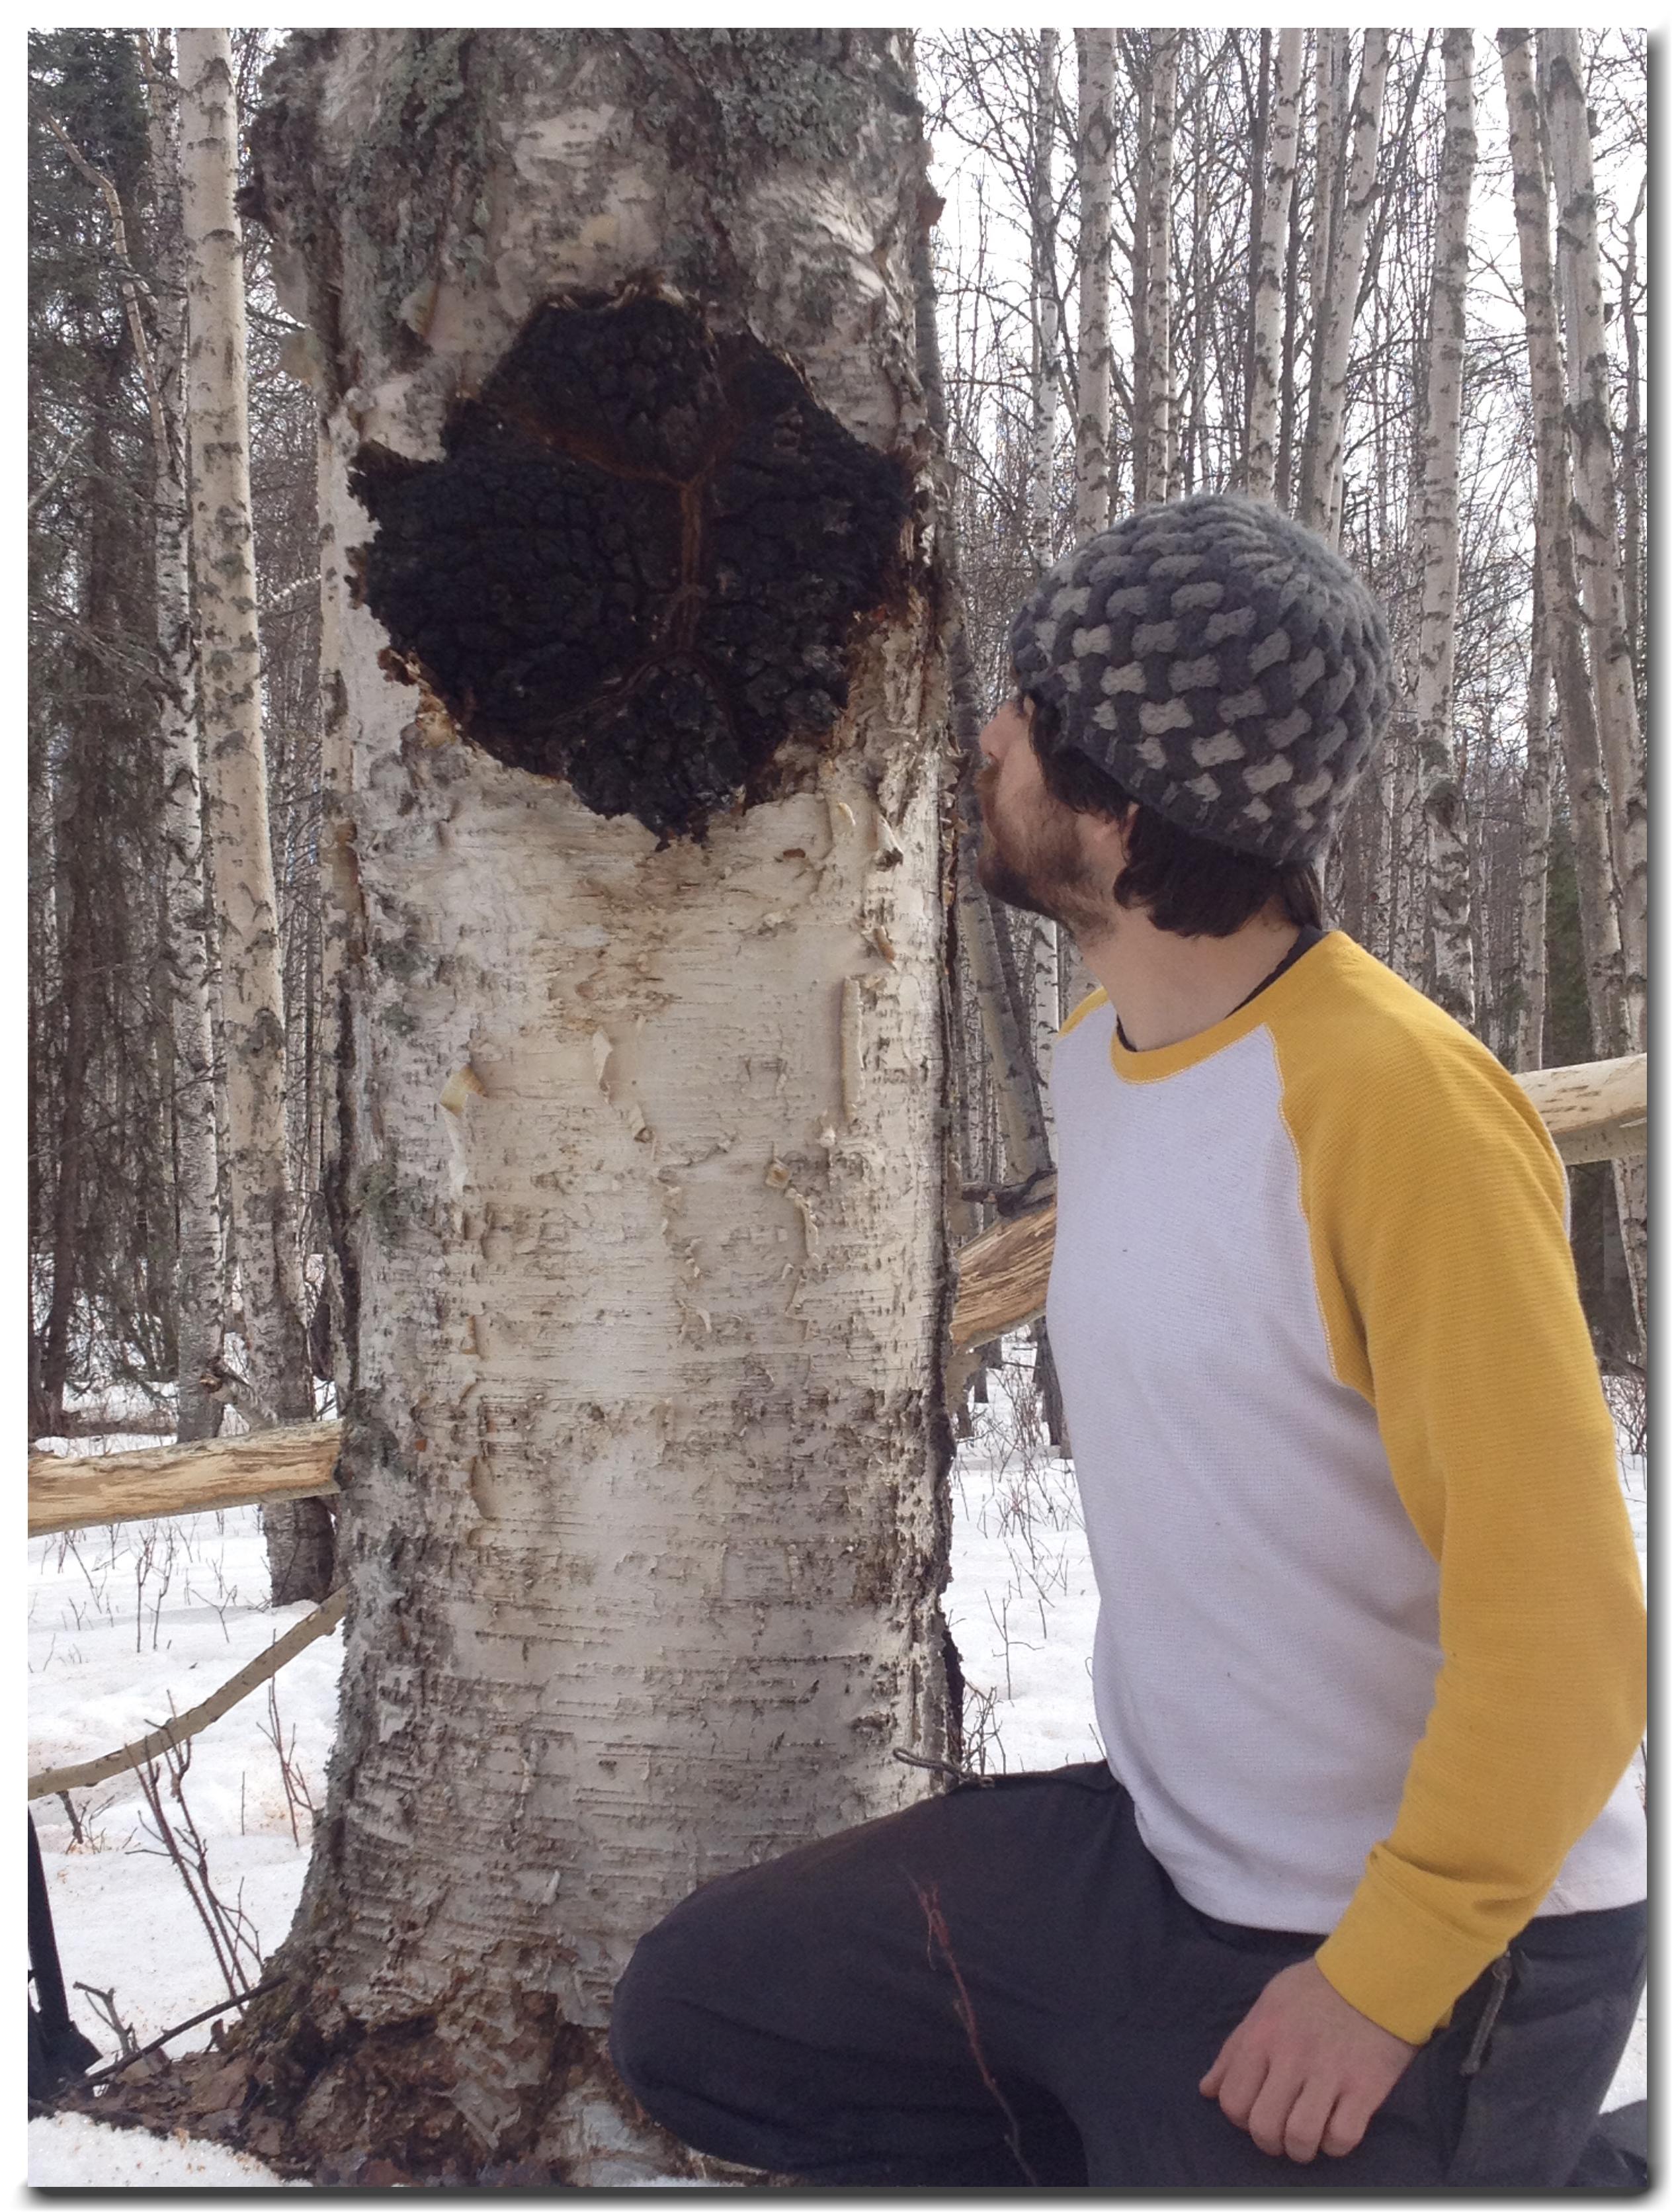 Wild Alaska Chaga Mushroom Harvest